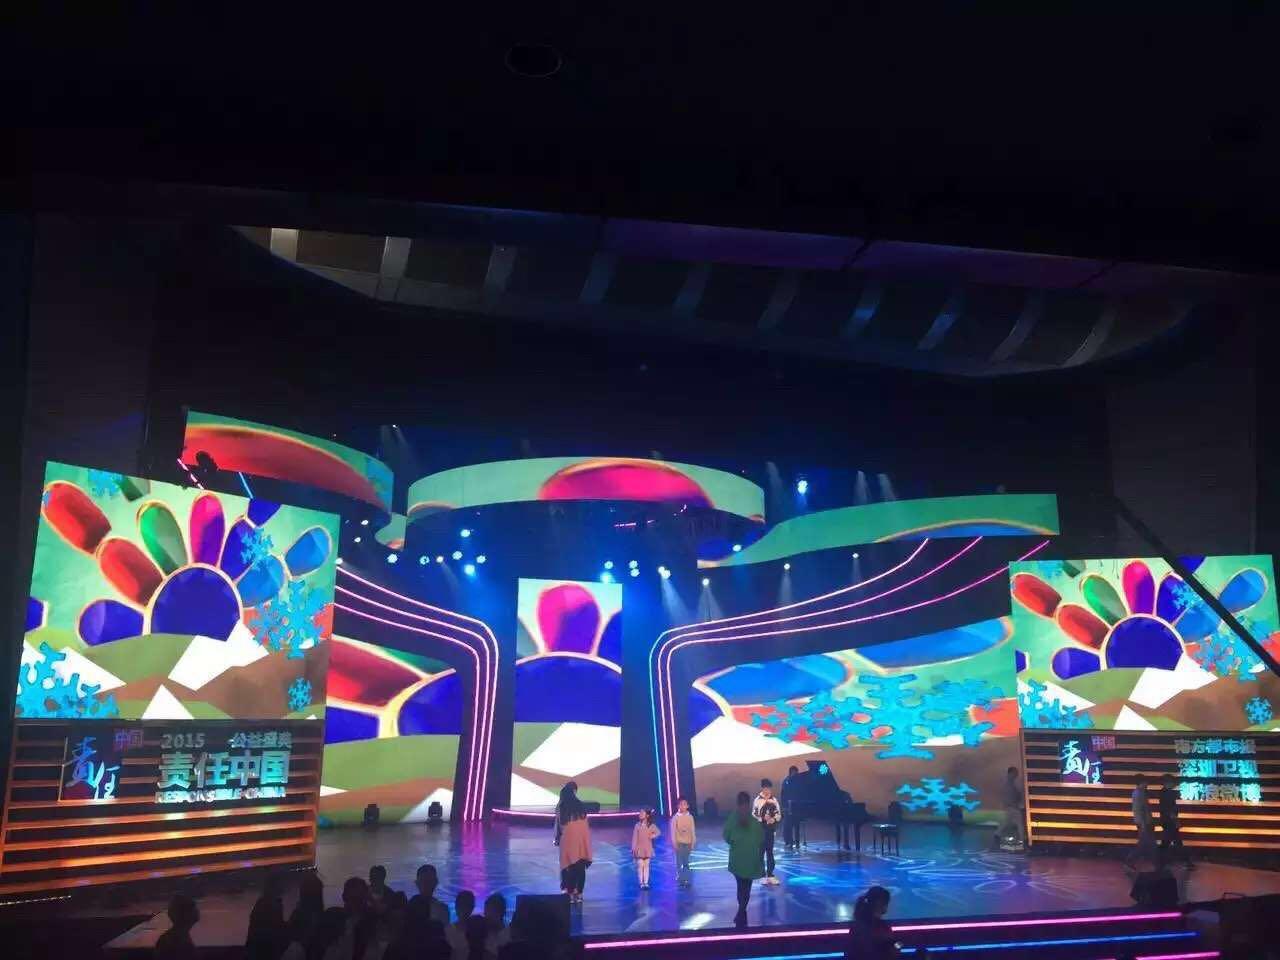 珠海市帝景酒店P3室内全彩屏专用20*40的镀锌方管(奥马哈)